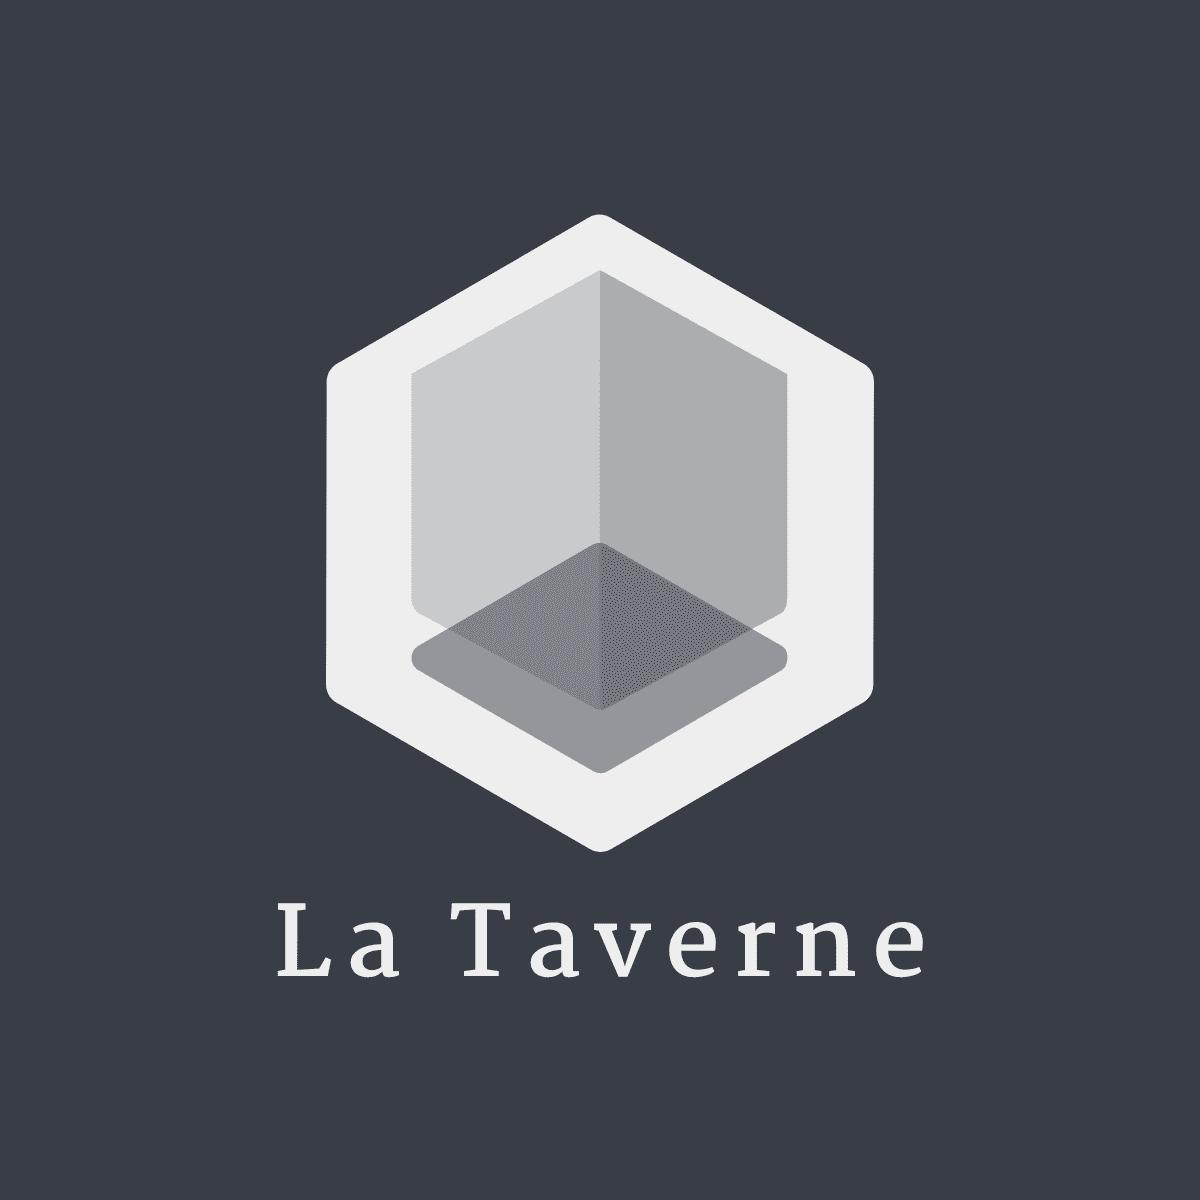 La Taverne - Actual Play